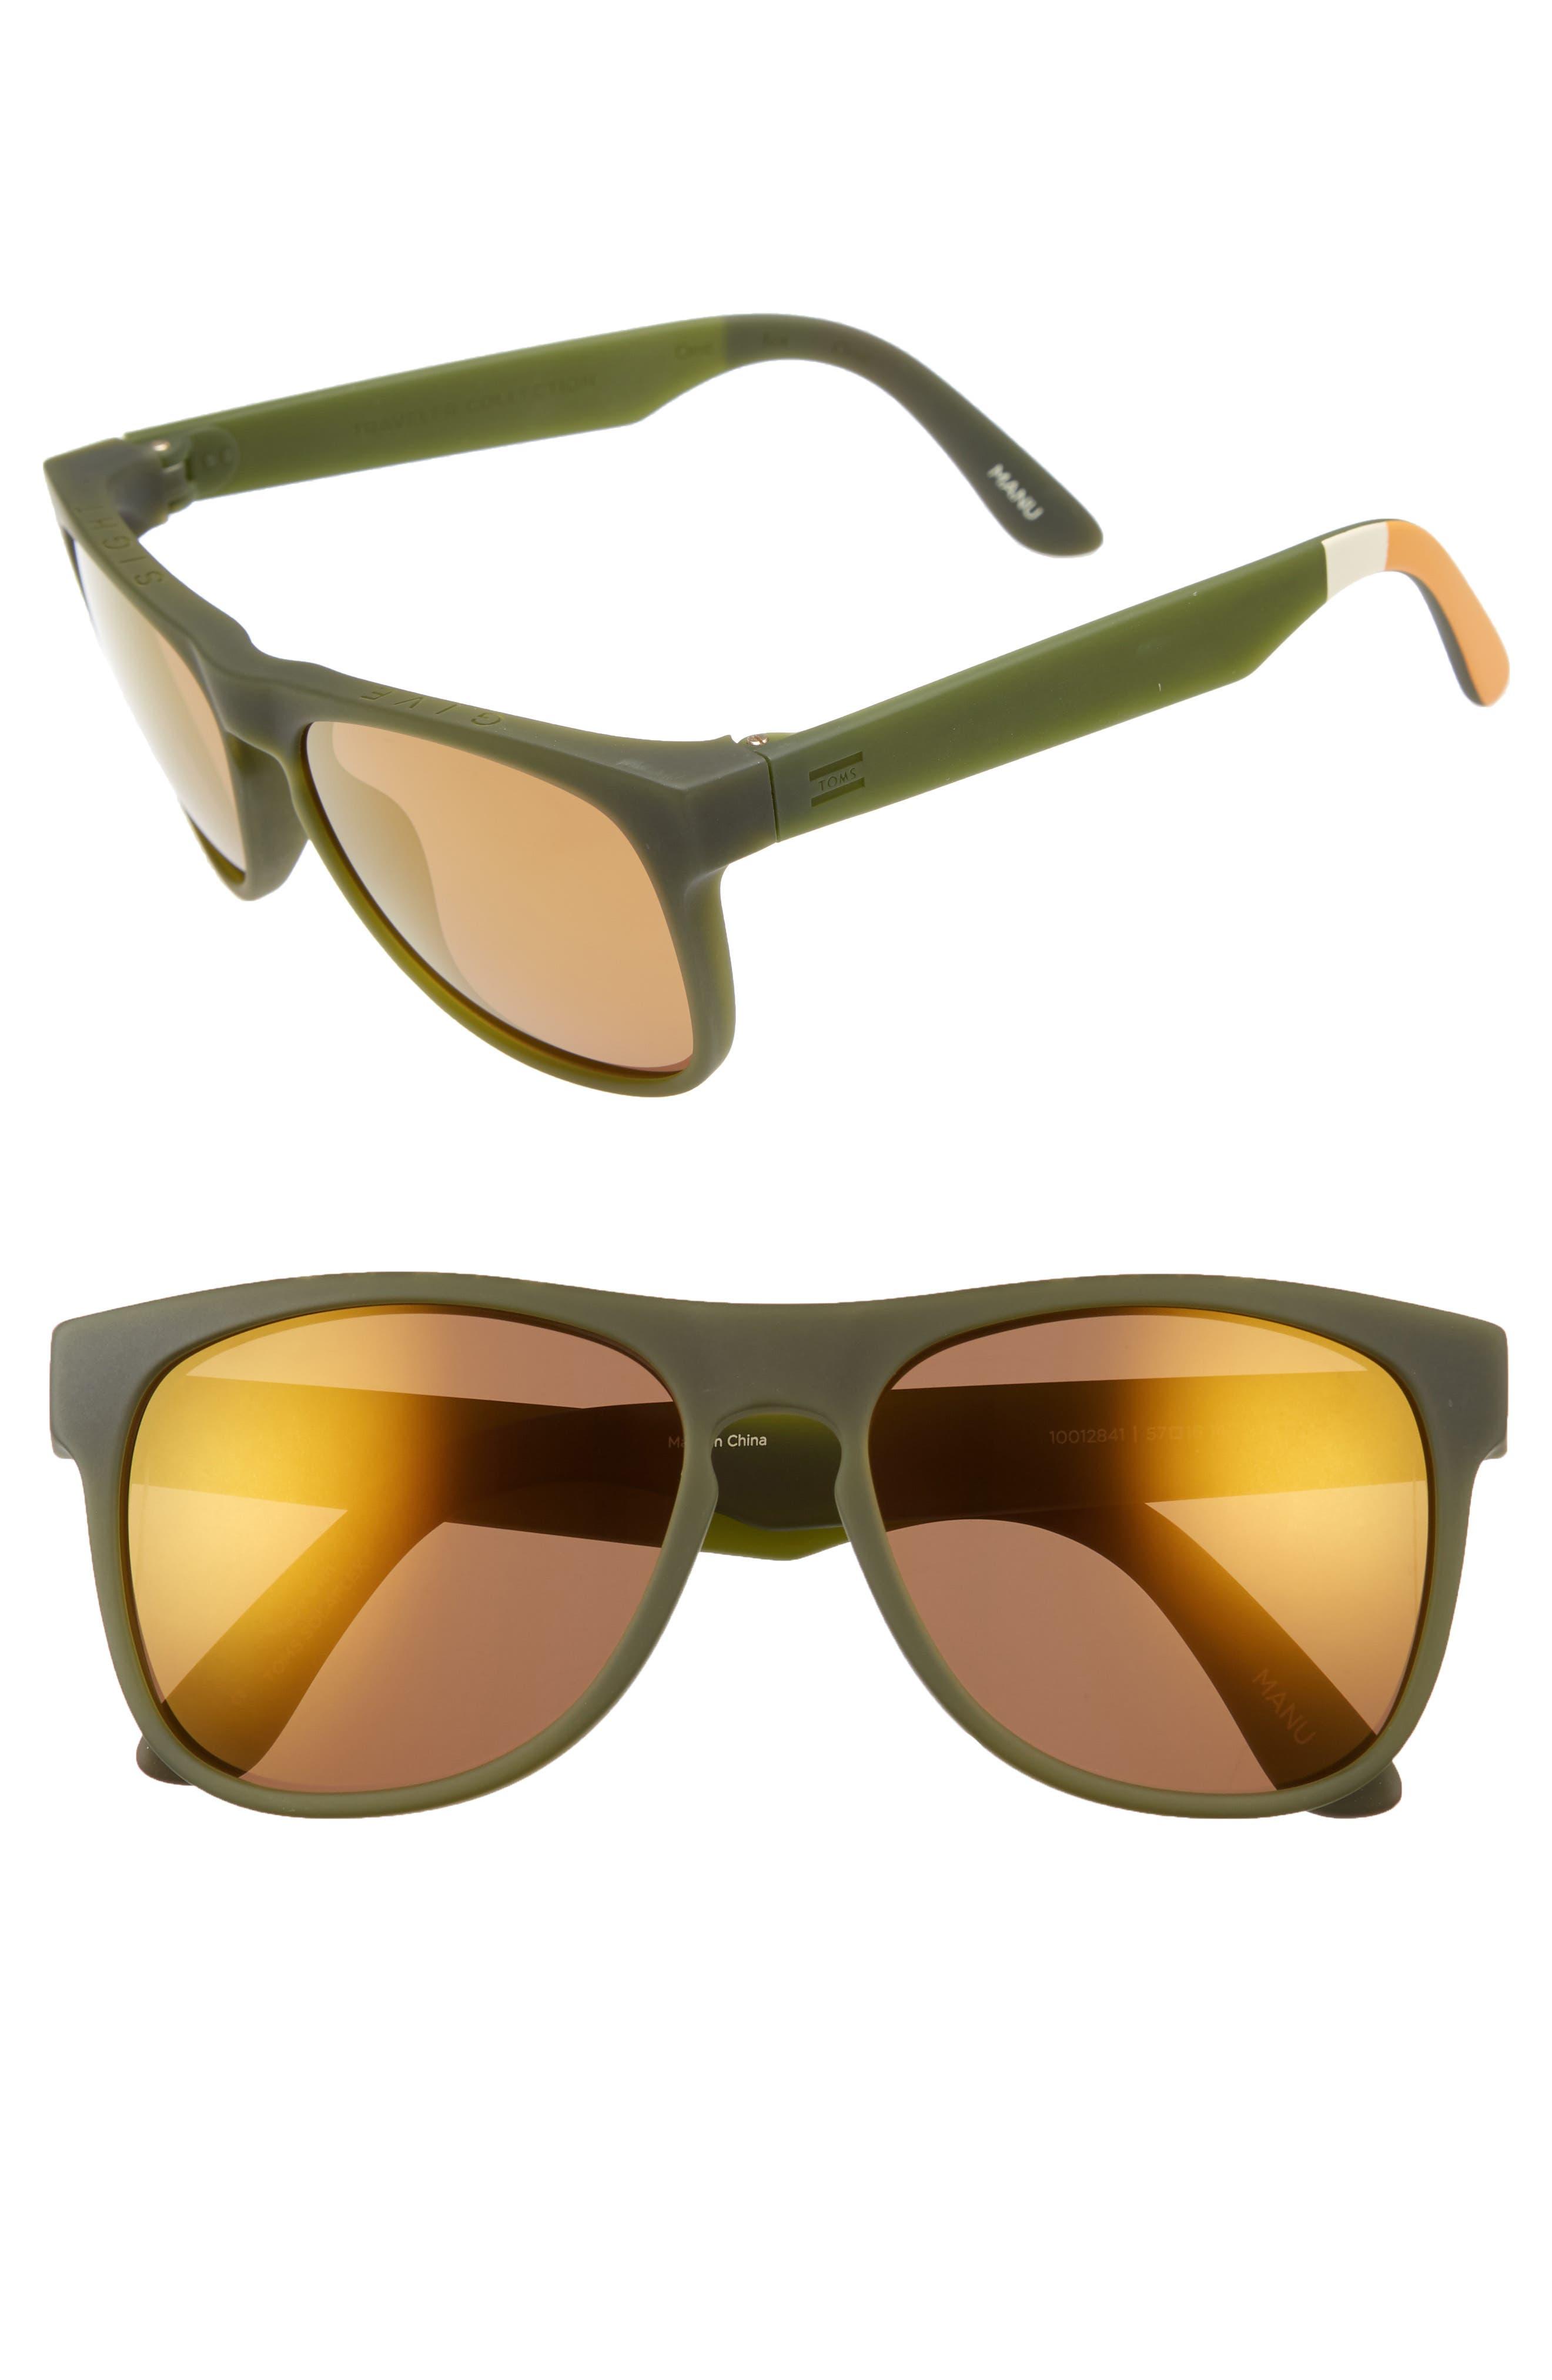 Manu 57Mm Sunglasses in Matte Rifle Green/ Gold Mirror